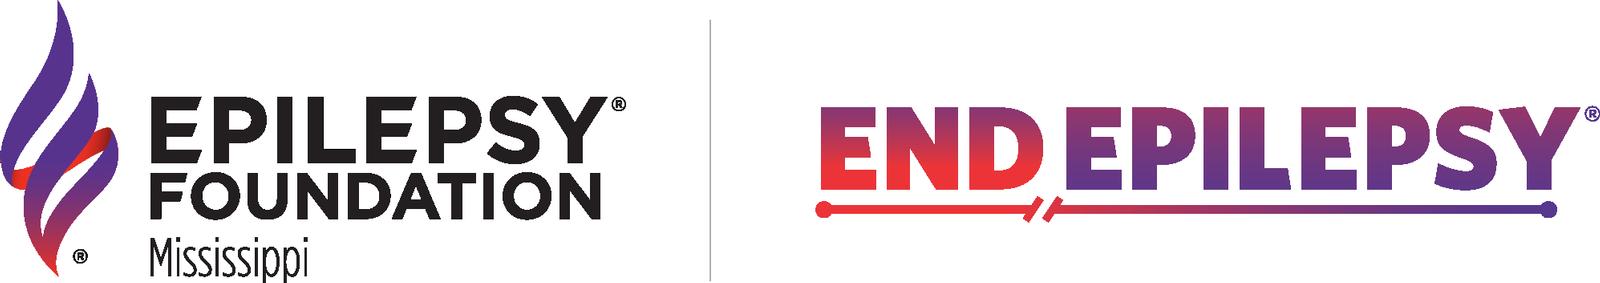 Epilepsy Foundation Mississippi